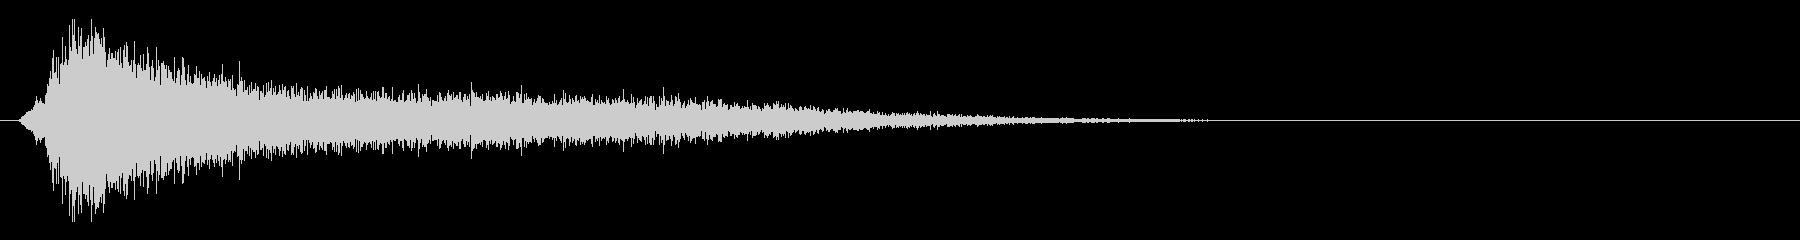 サスペンスピアノ音_3-2の未再生の波形